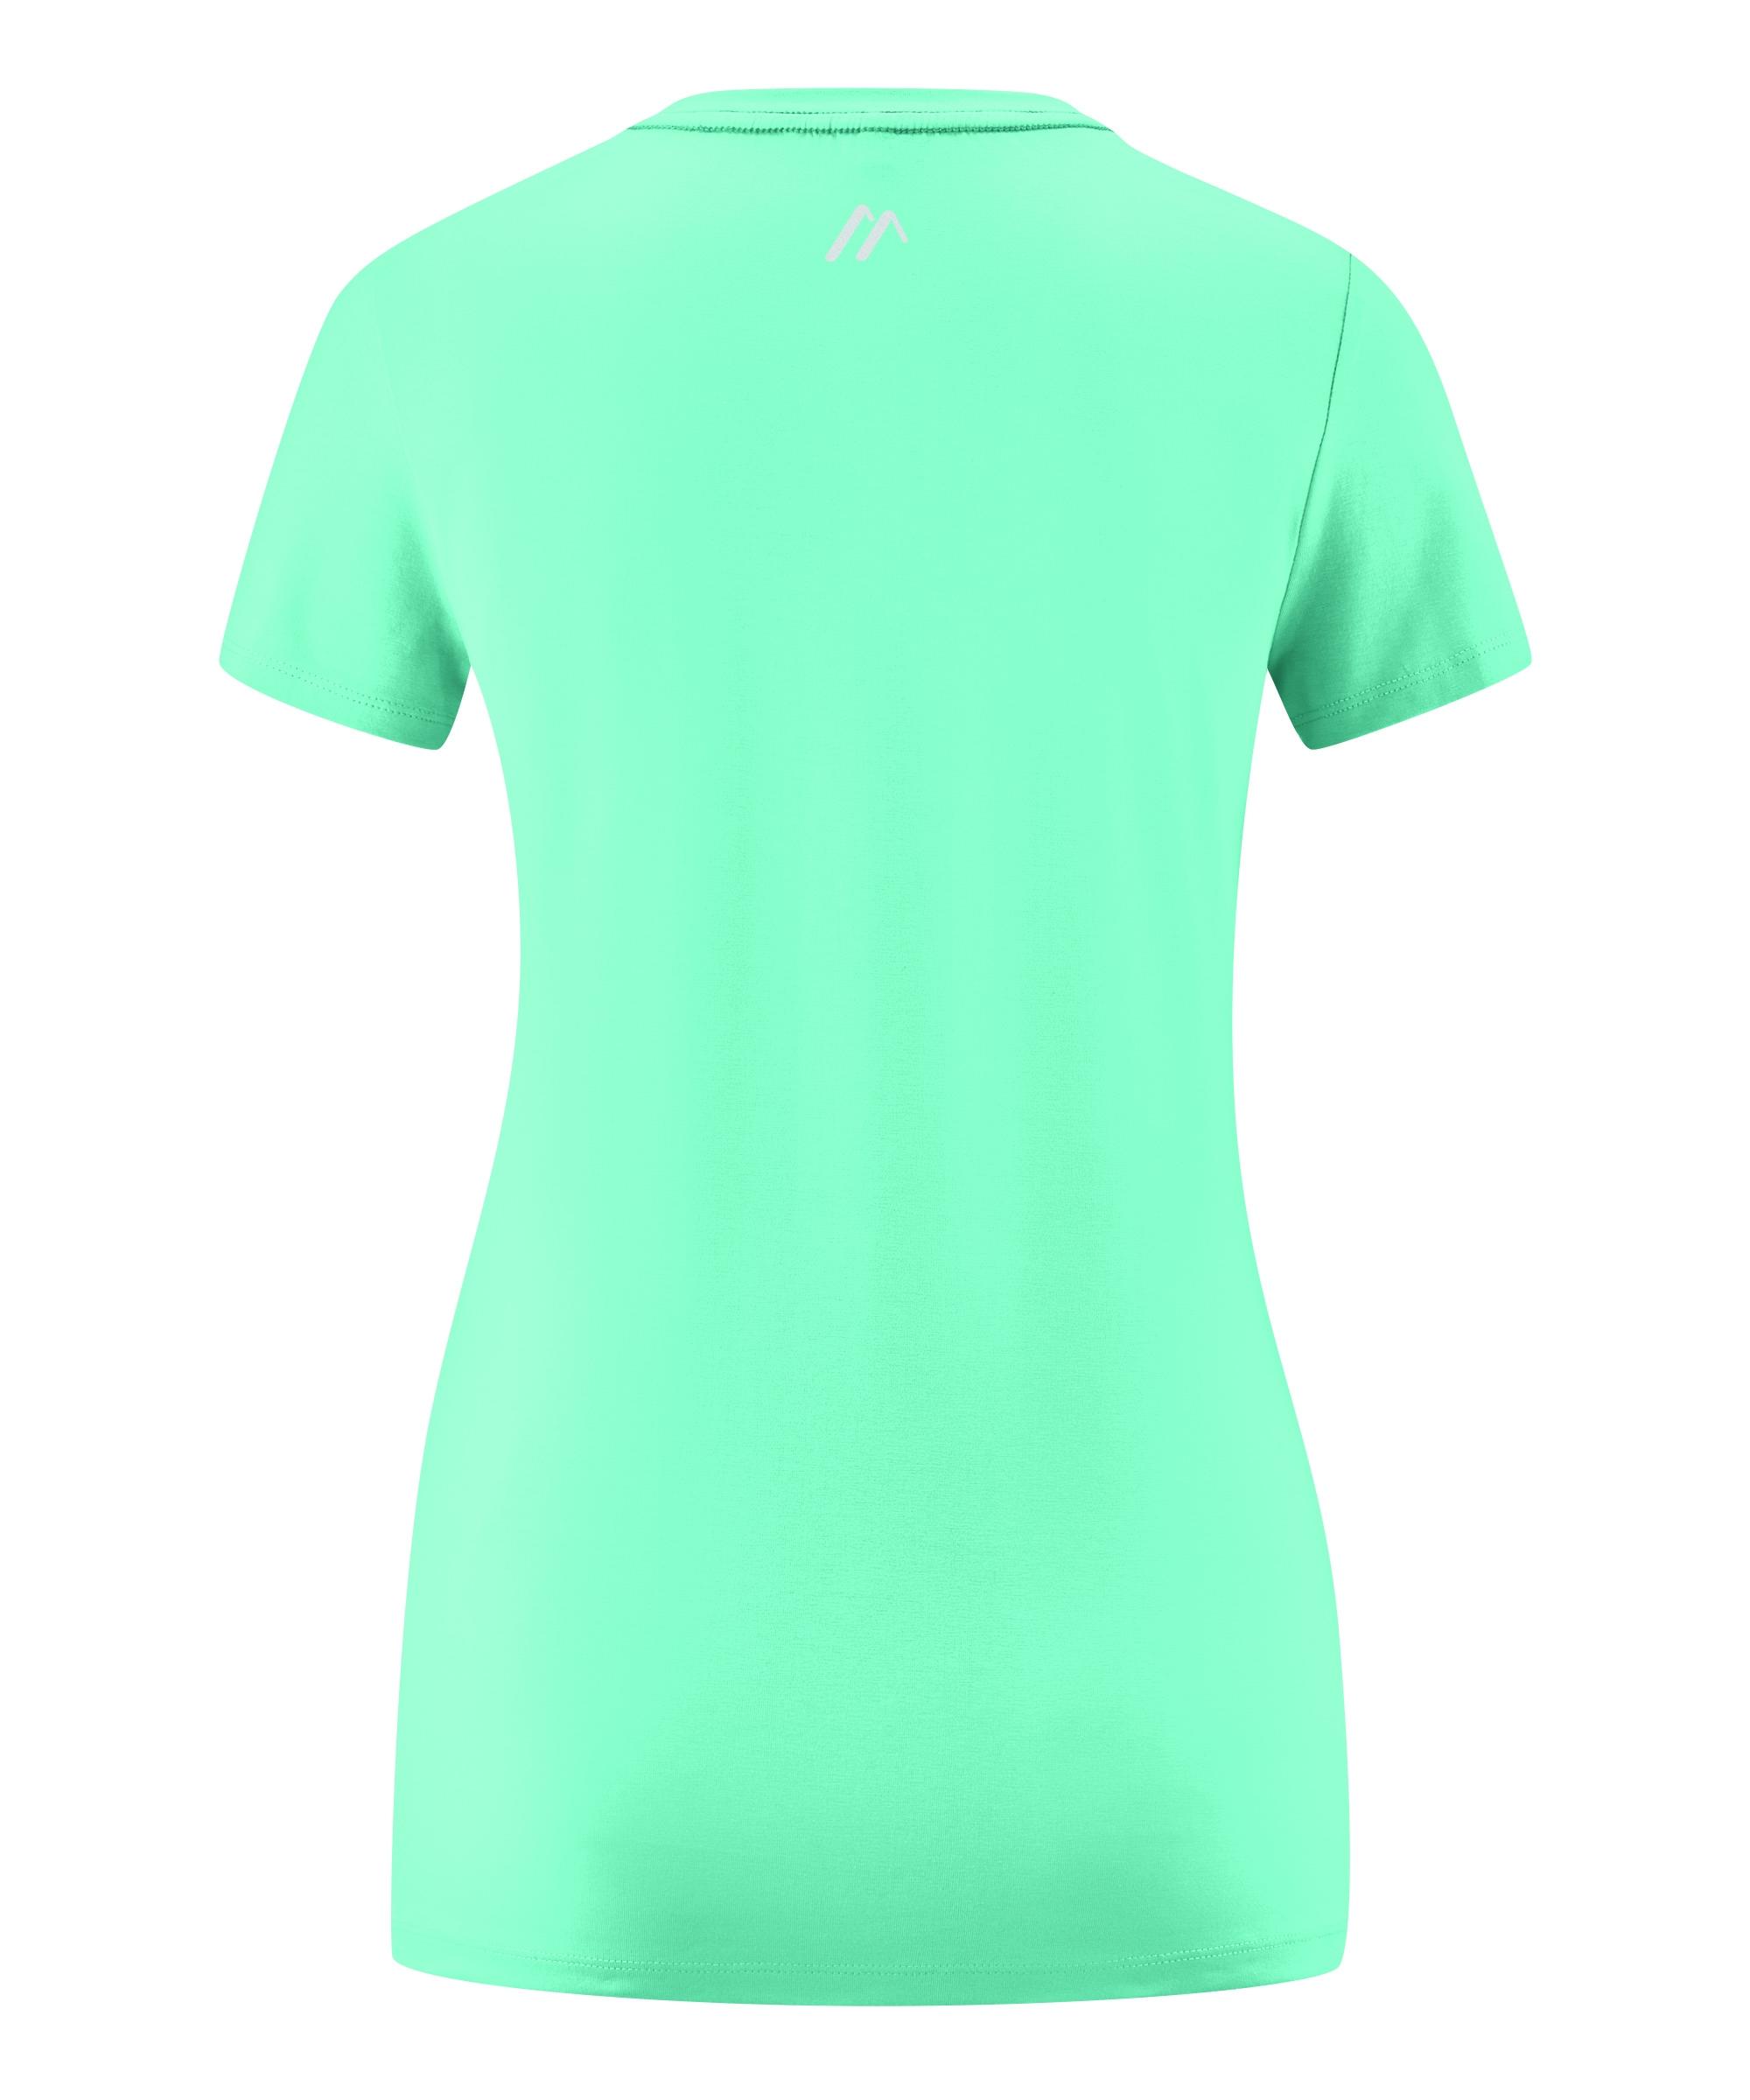 Maier Sports Da T-Shirt Berta 553000 türkis